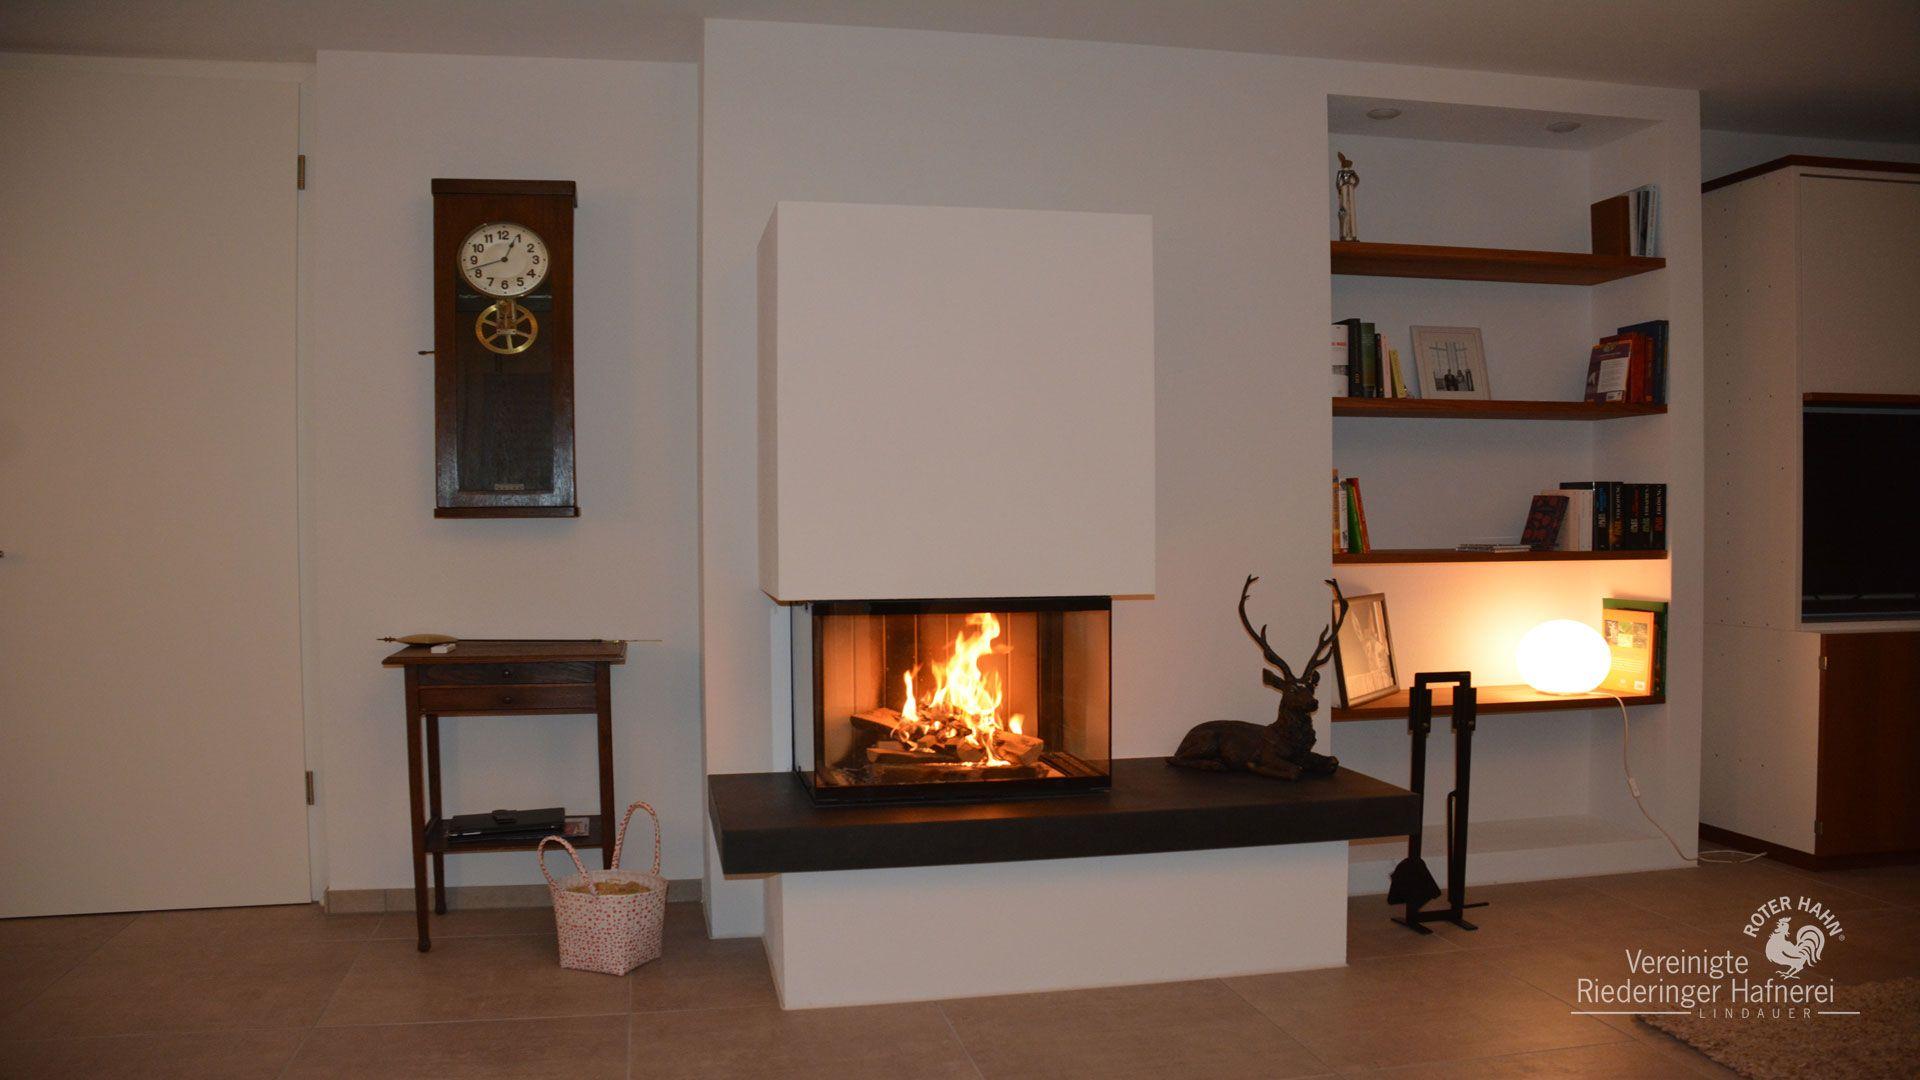 pin von dalpet kamini auf 3d kamini pinterest wasserf hrender kamin moderne kamine und bayern. Black Bedroom Furniture Sets. Home Design Ideas